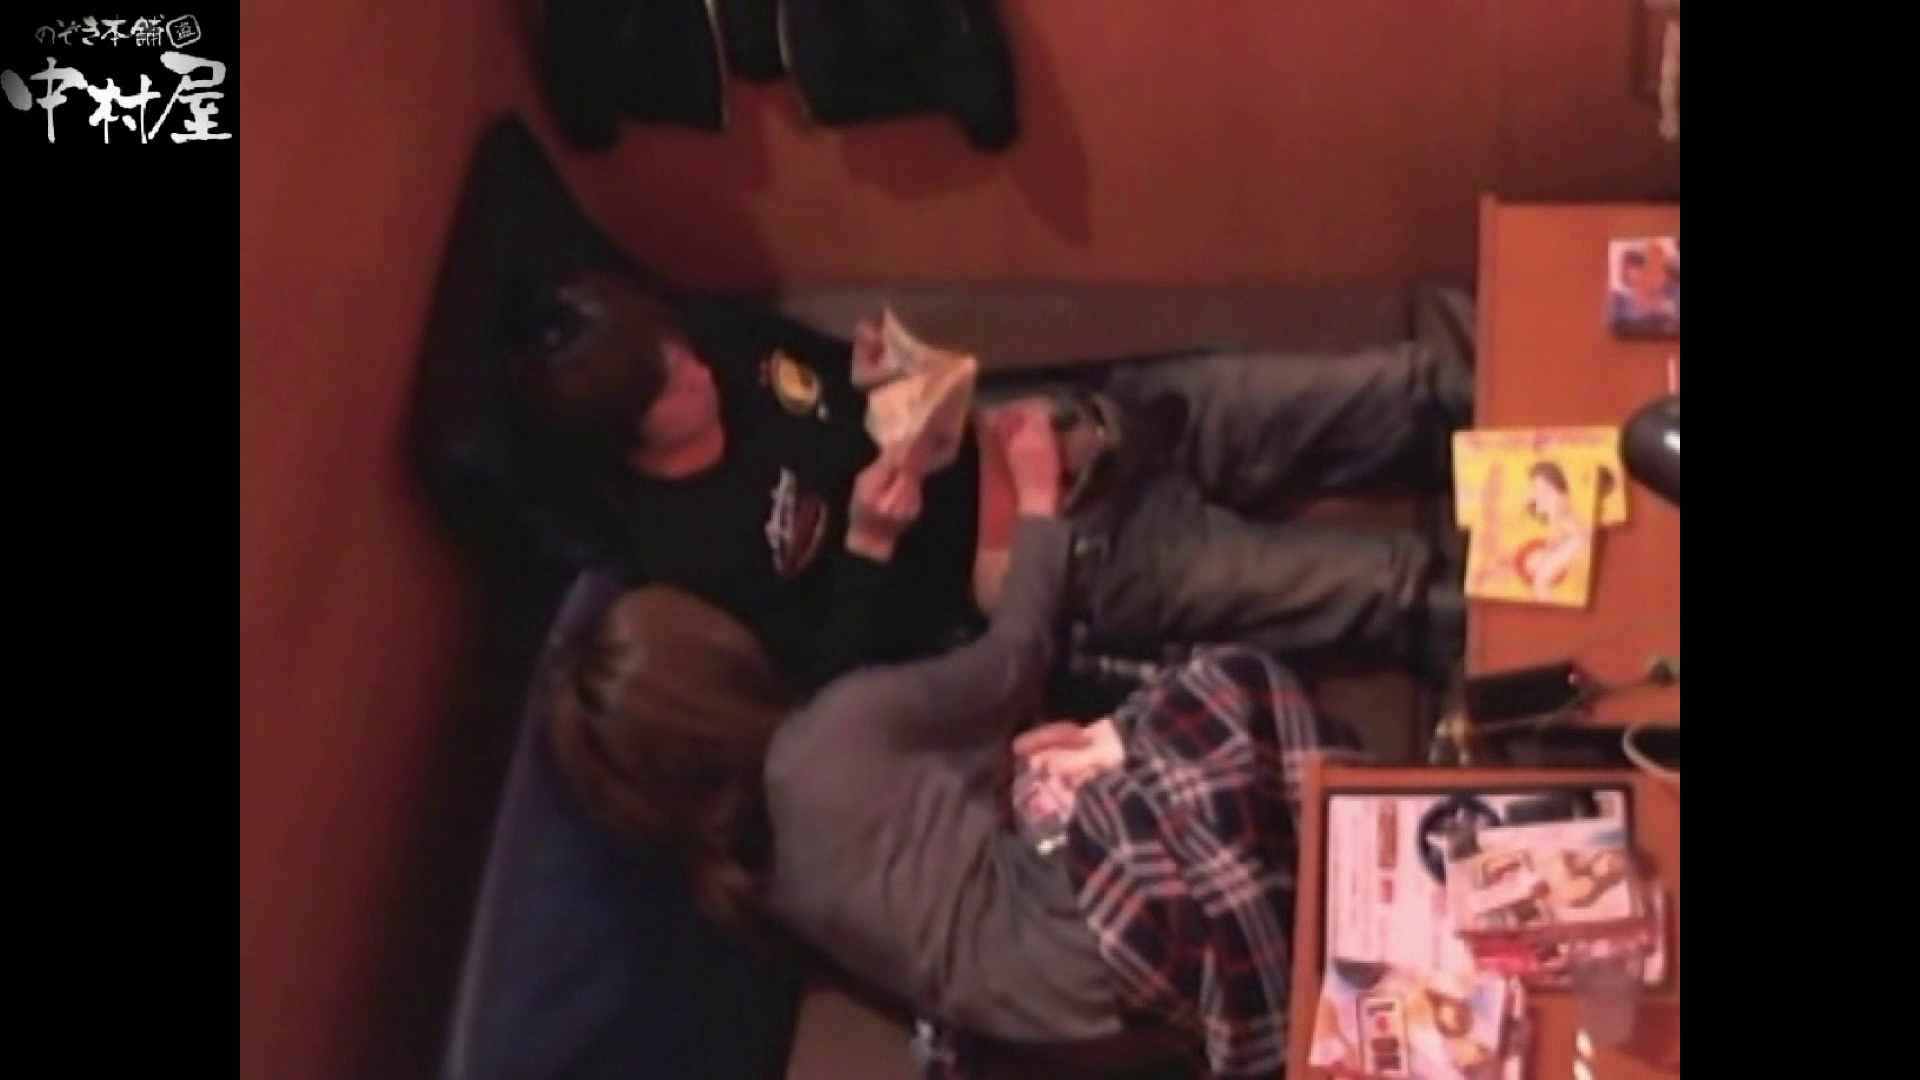 ネットカフェ盗撮師トロントさんの 素人カップル盗撮記vol.2 喘ぎ ヌード画像 100pic 31